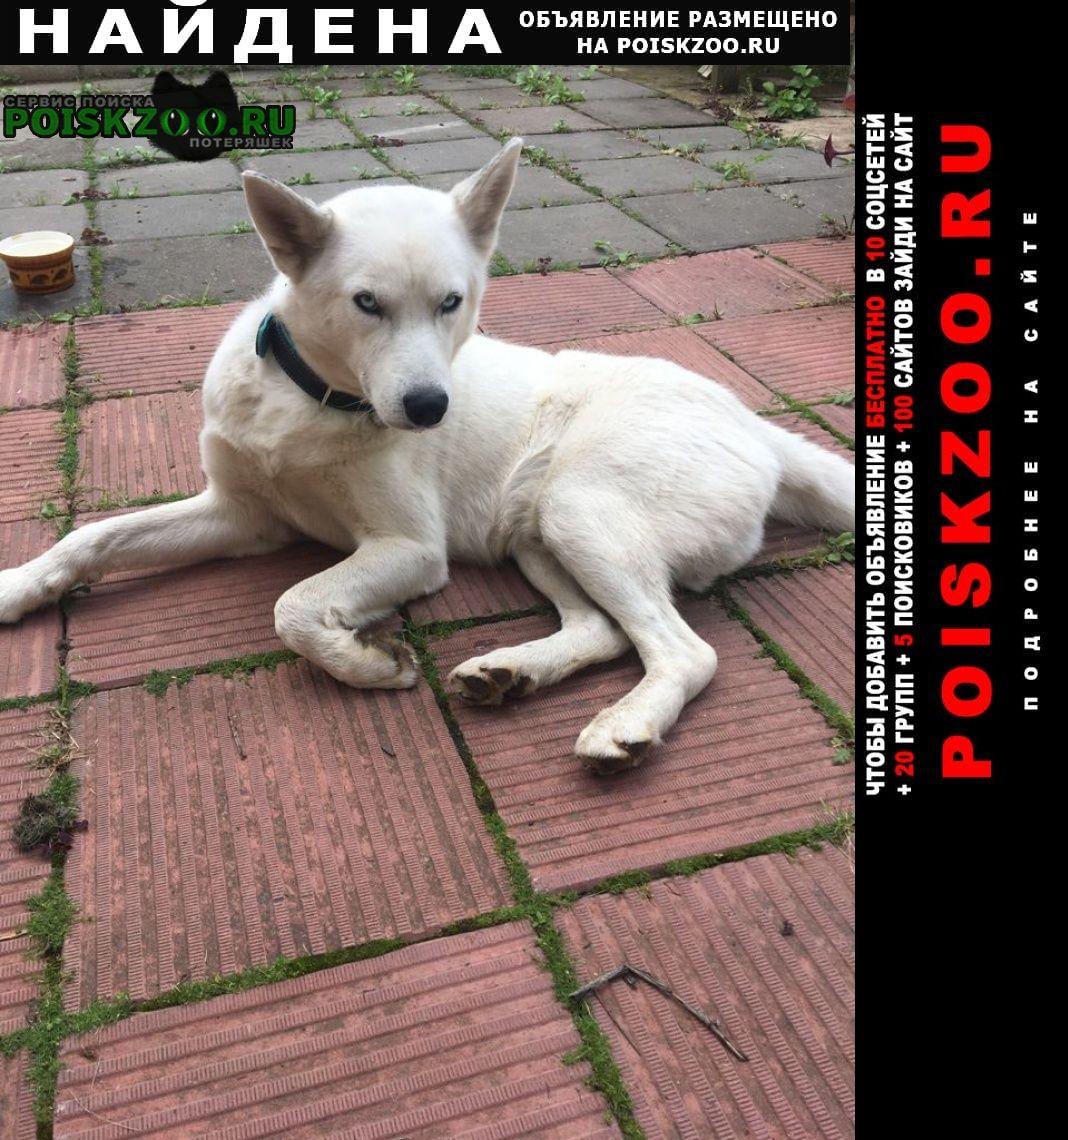 Найдена собака в деревне лапшинка Москва